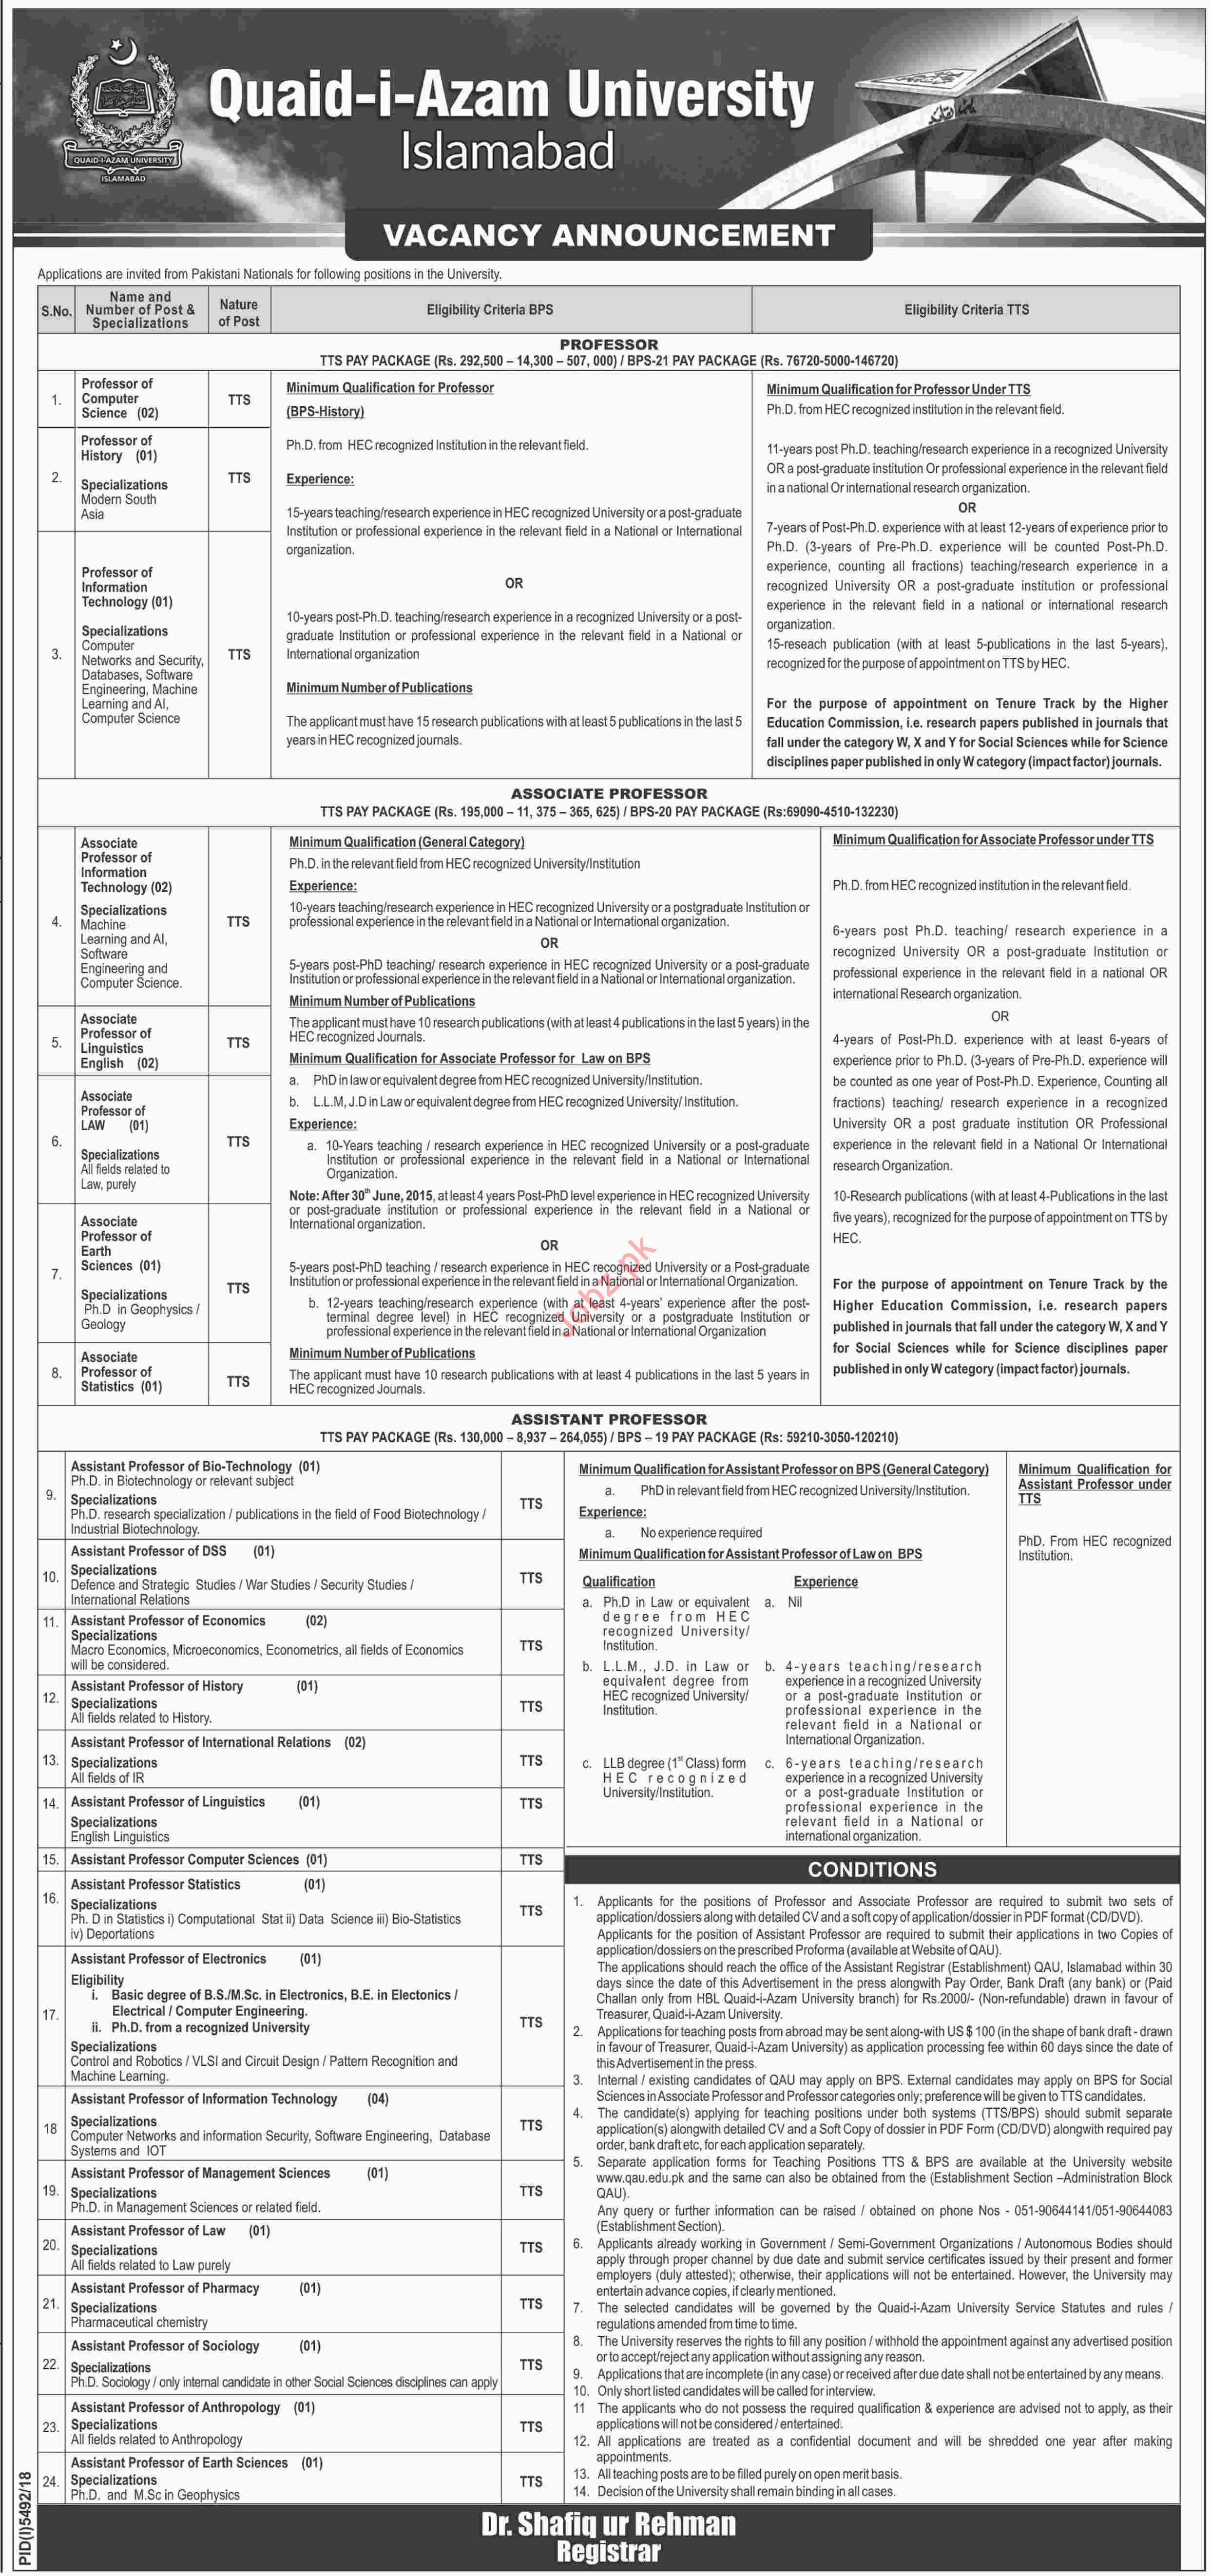 Quaid i Azam University Jobs 2019 Job Advertisement Pakistan